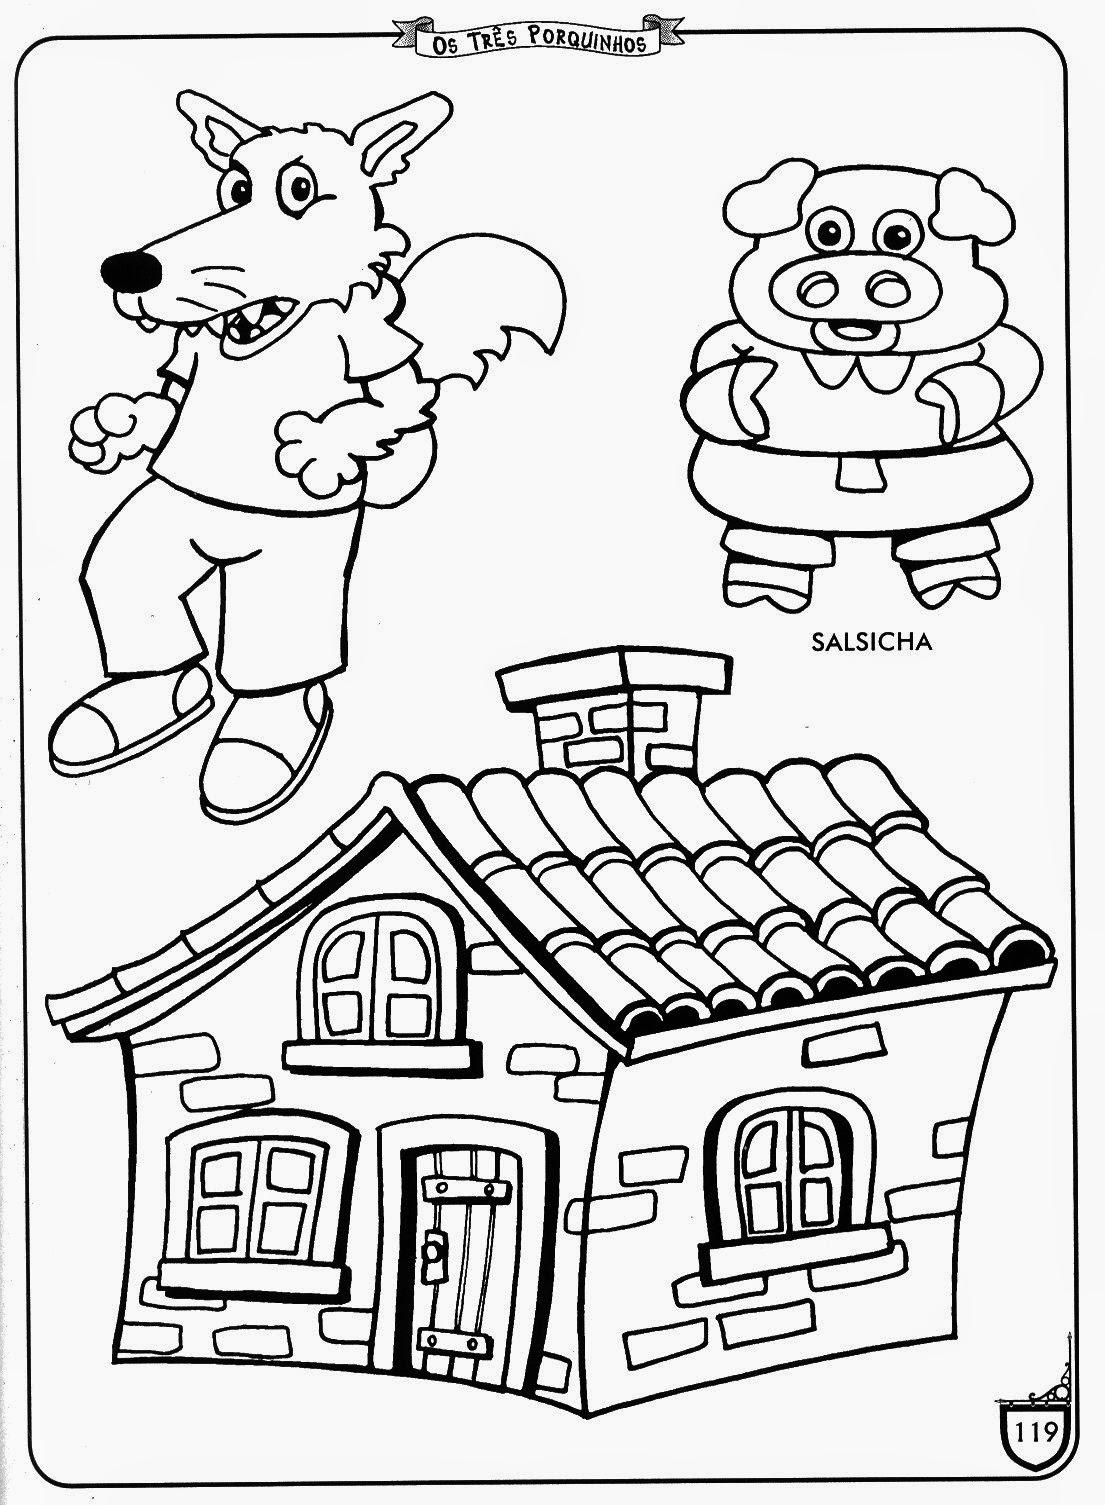 Desenho Dos 3 Porquinhos Completo